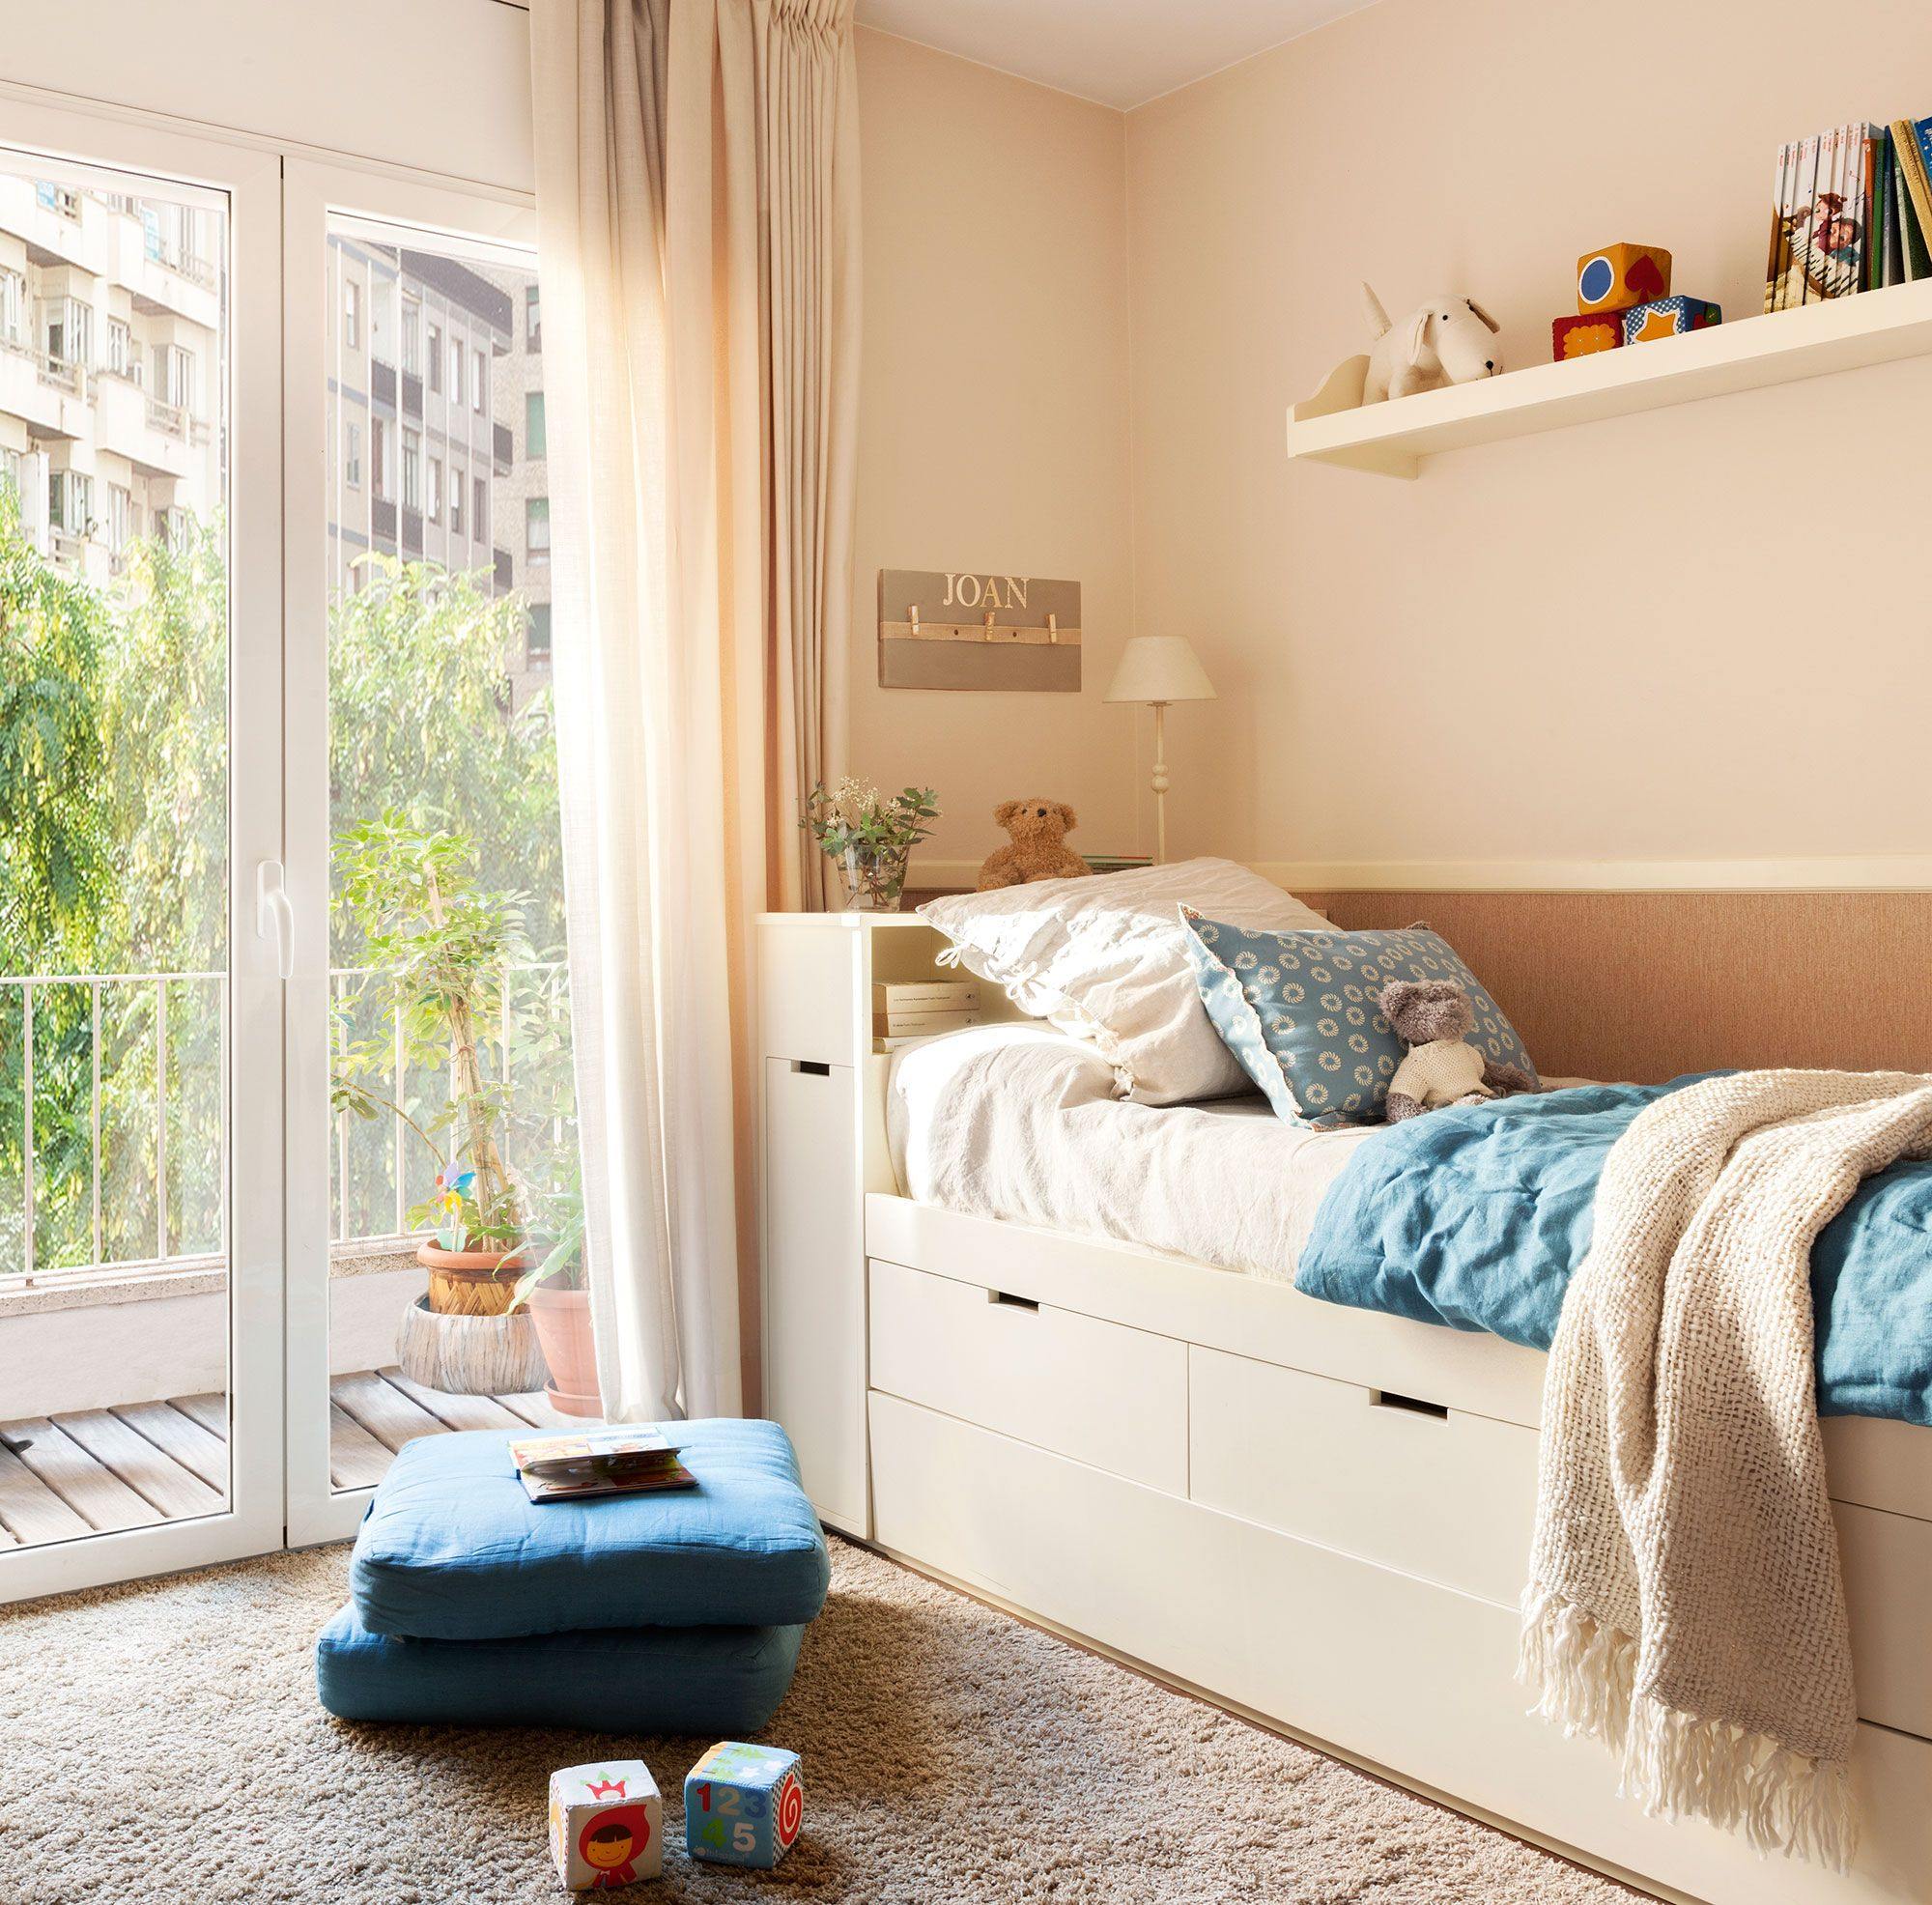 Dormitorio Infantil Con Cama Con Cajones Y Cama Nido Arrimada A La